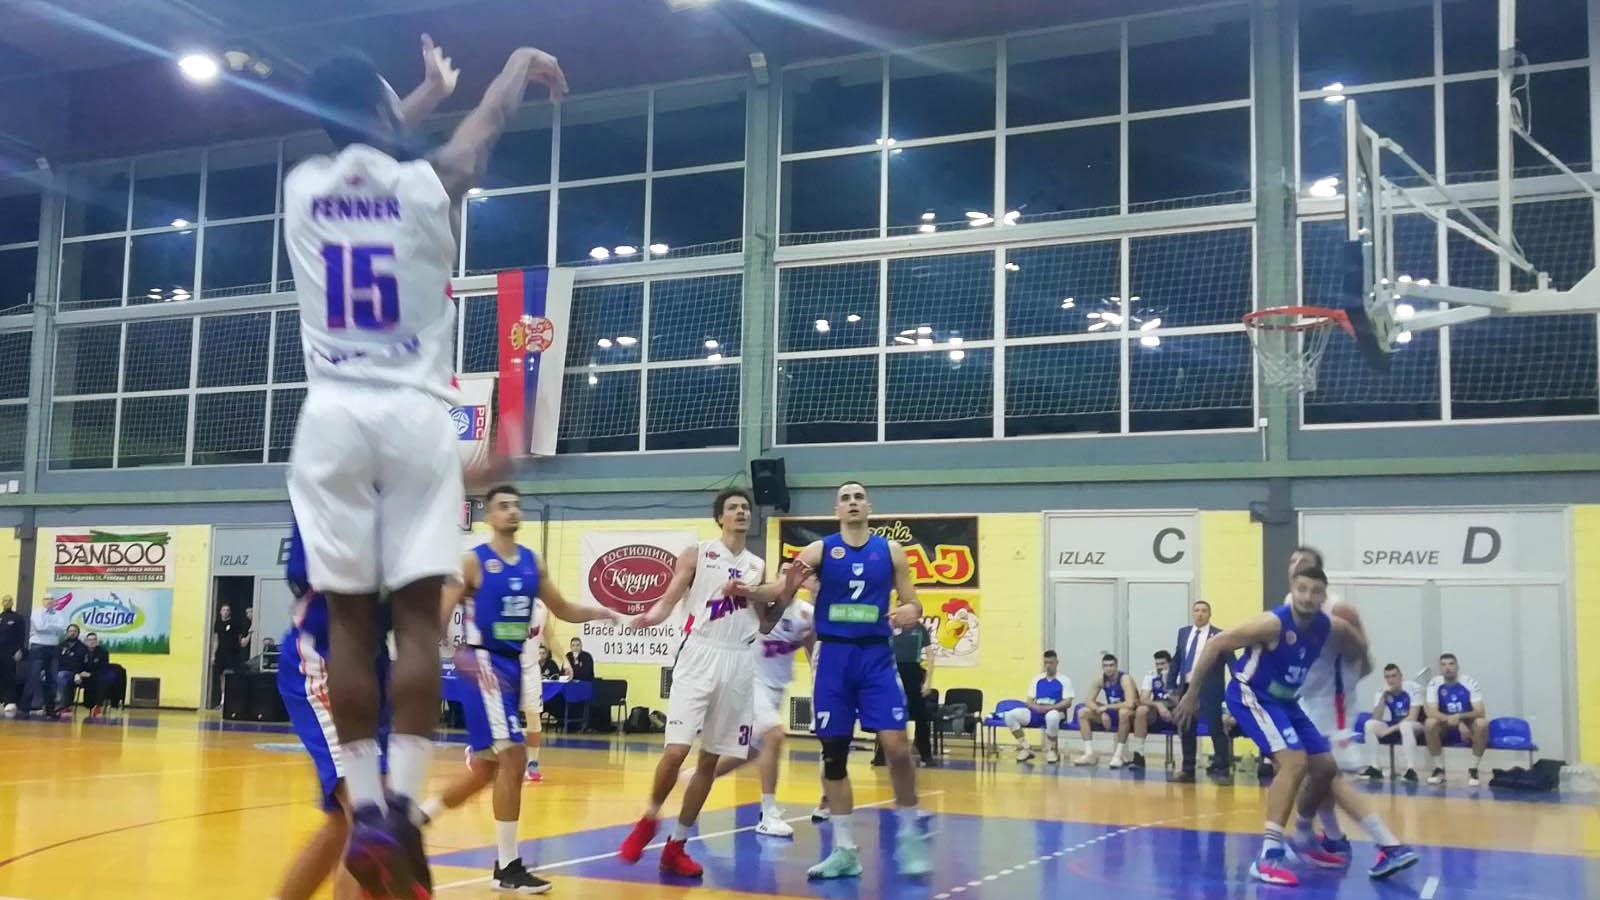 Tamiš Dunav košarka